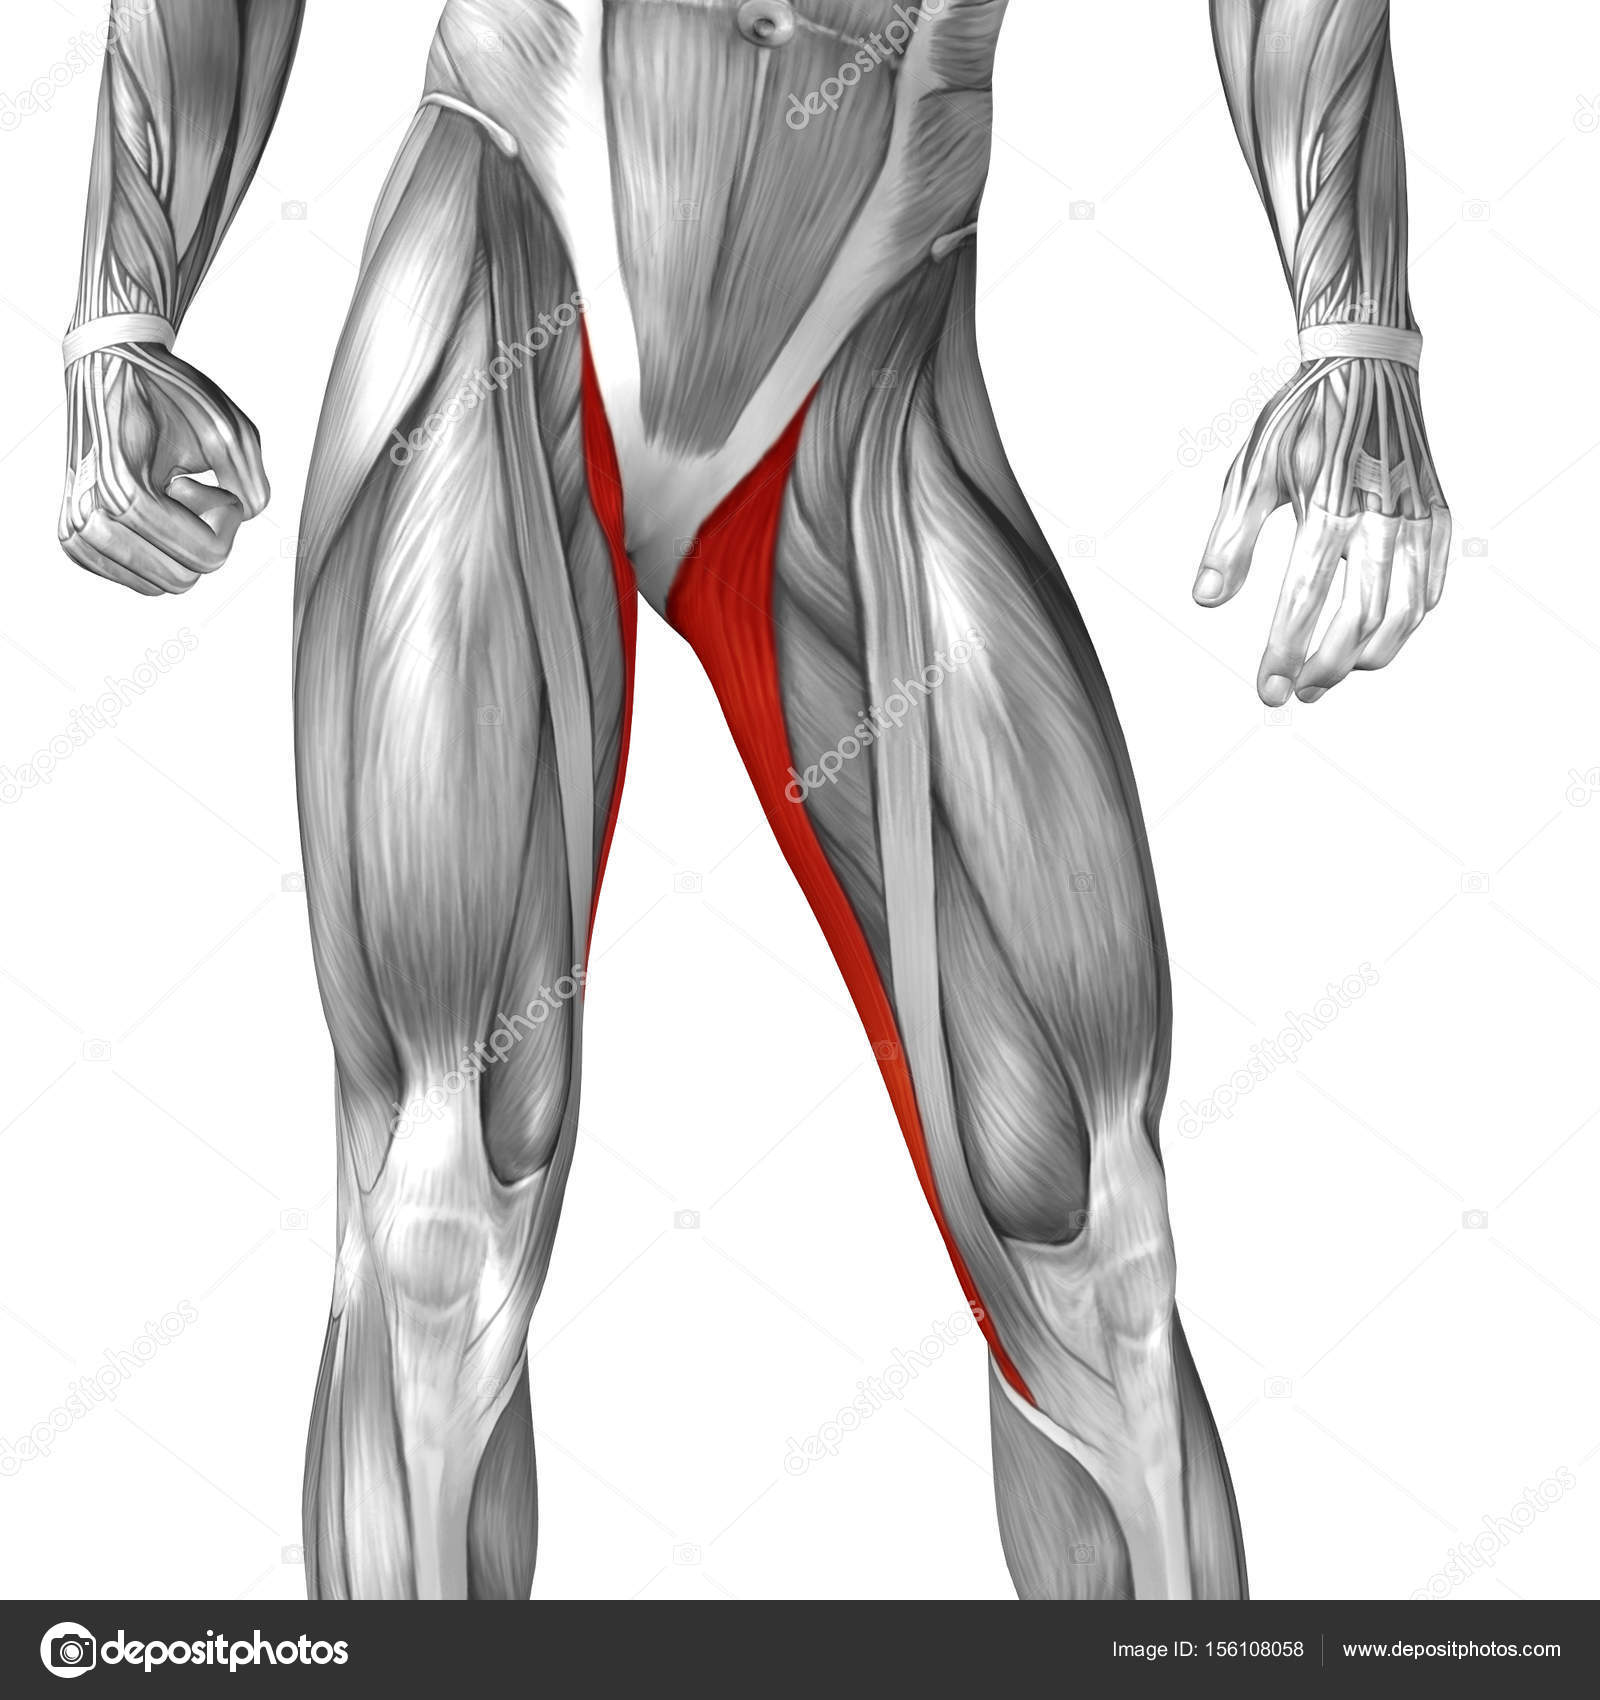 menschliche Oberschenkel-Anatomie — Stockfoto © design36 #156108058